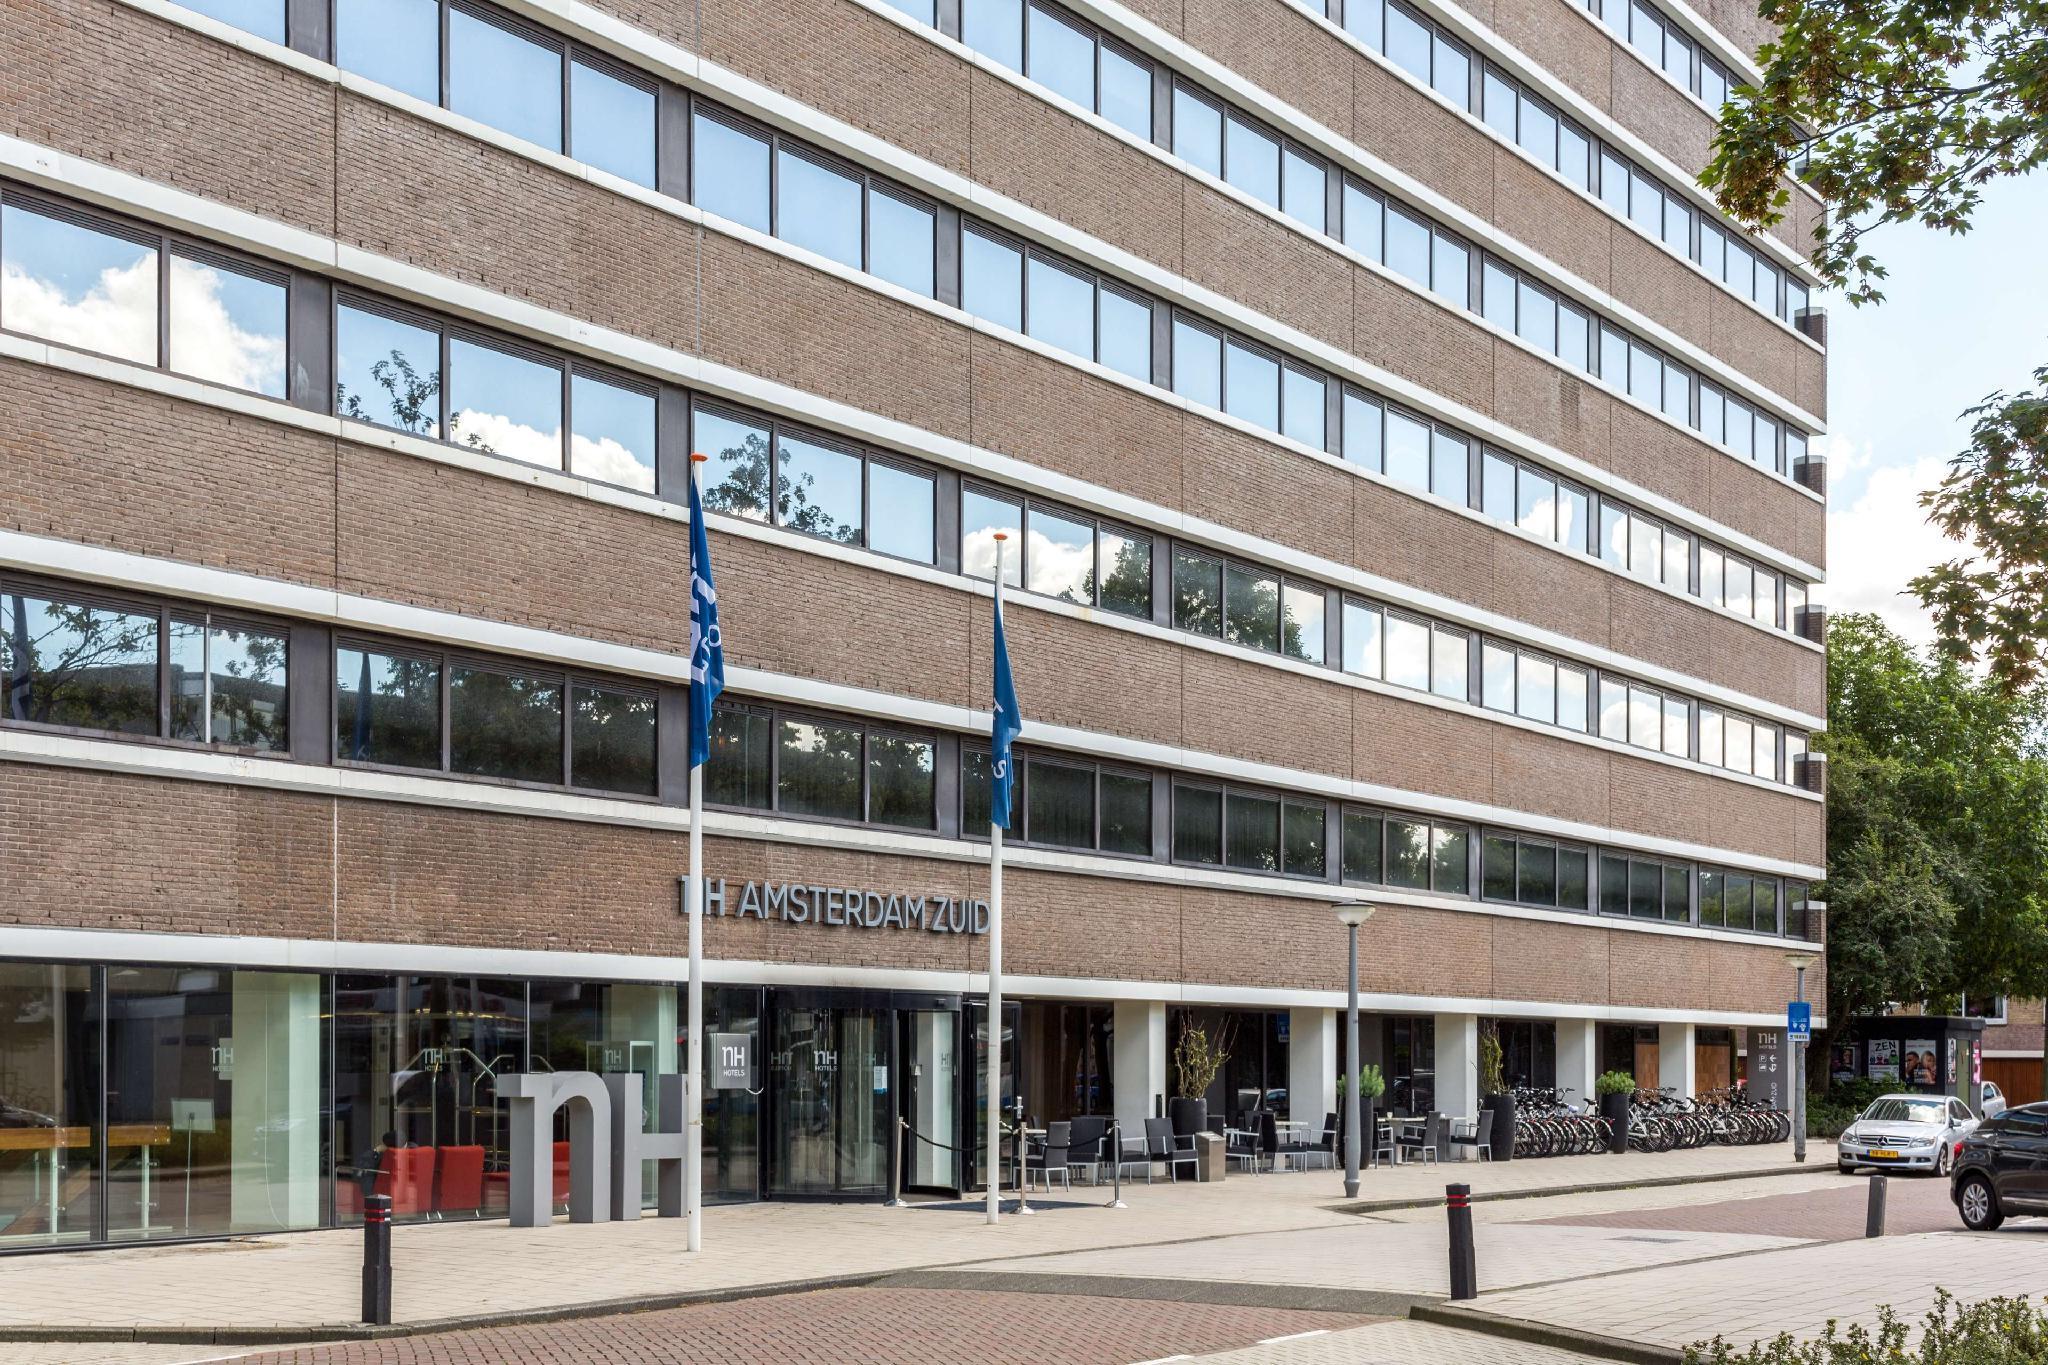 NH Amsterdam Zuid Hotel